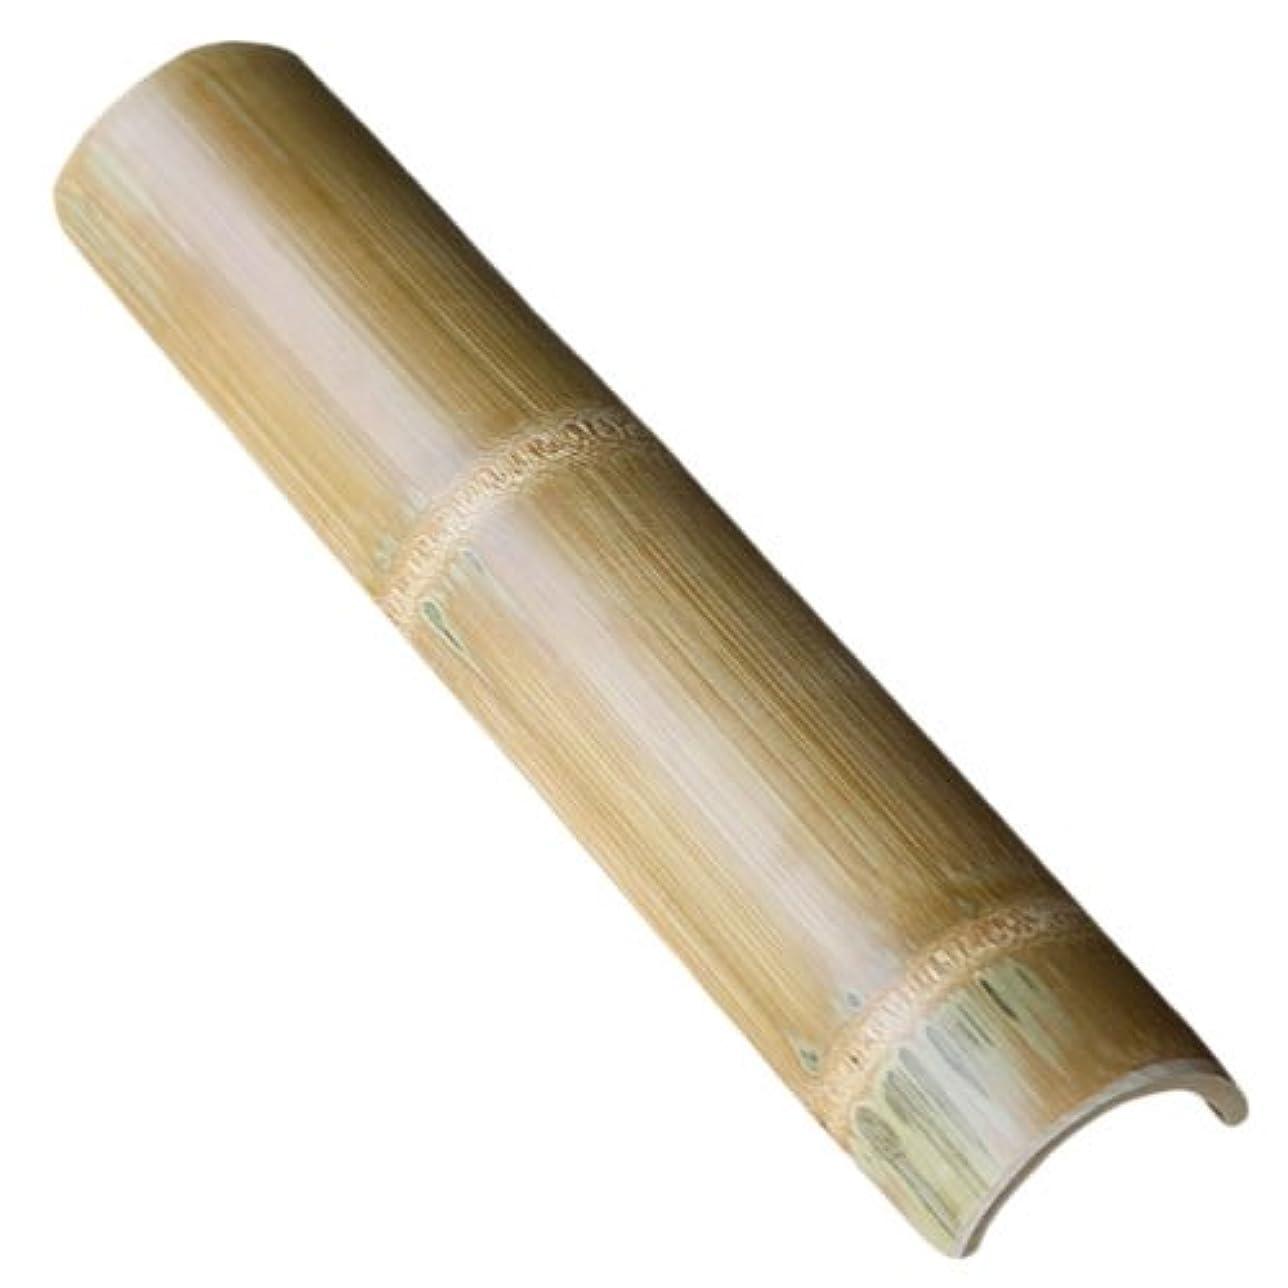 解釈シャー嬉しいです【国産】炭化竹踏み 青竹を炭化加工して防虫、防カビ効果を向上させて美しく磨き上げた丈夫な二節付の竹踏み